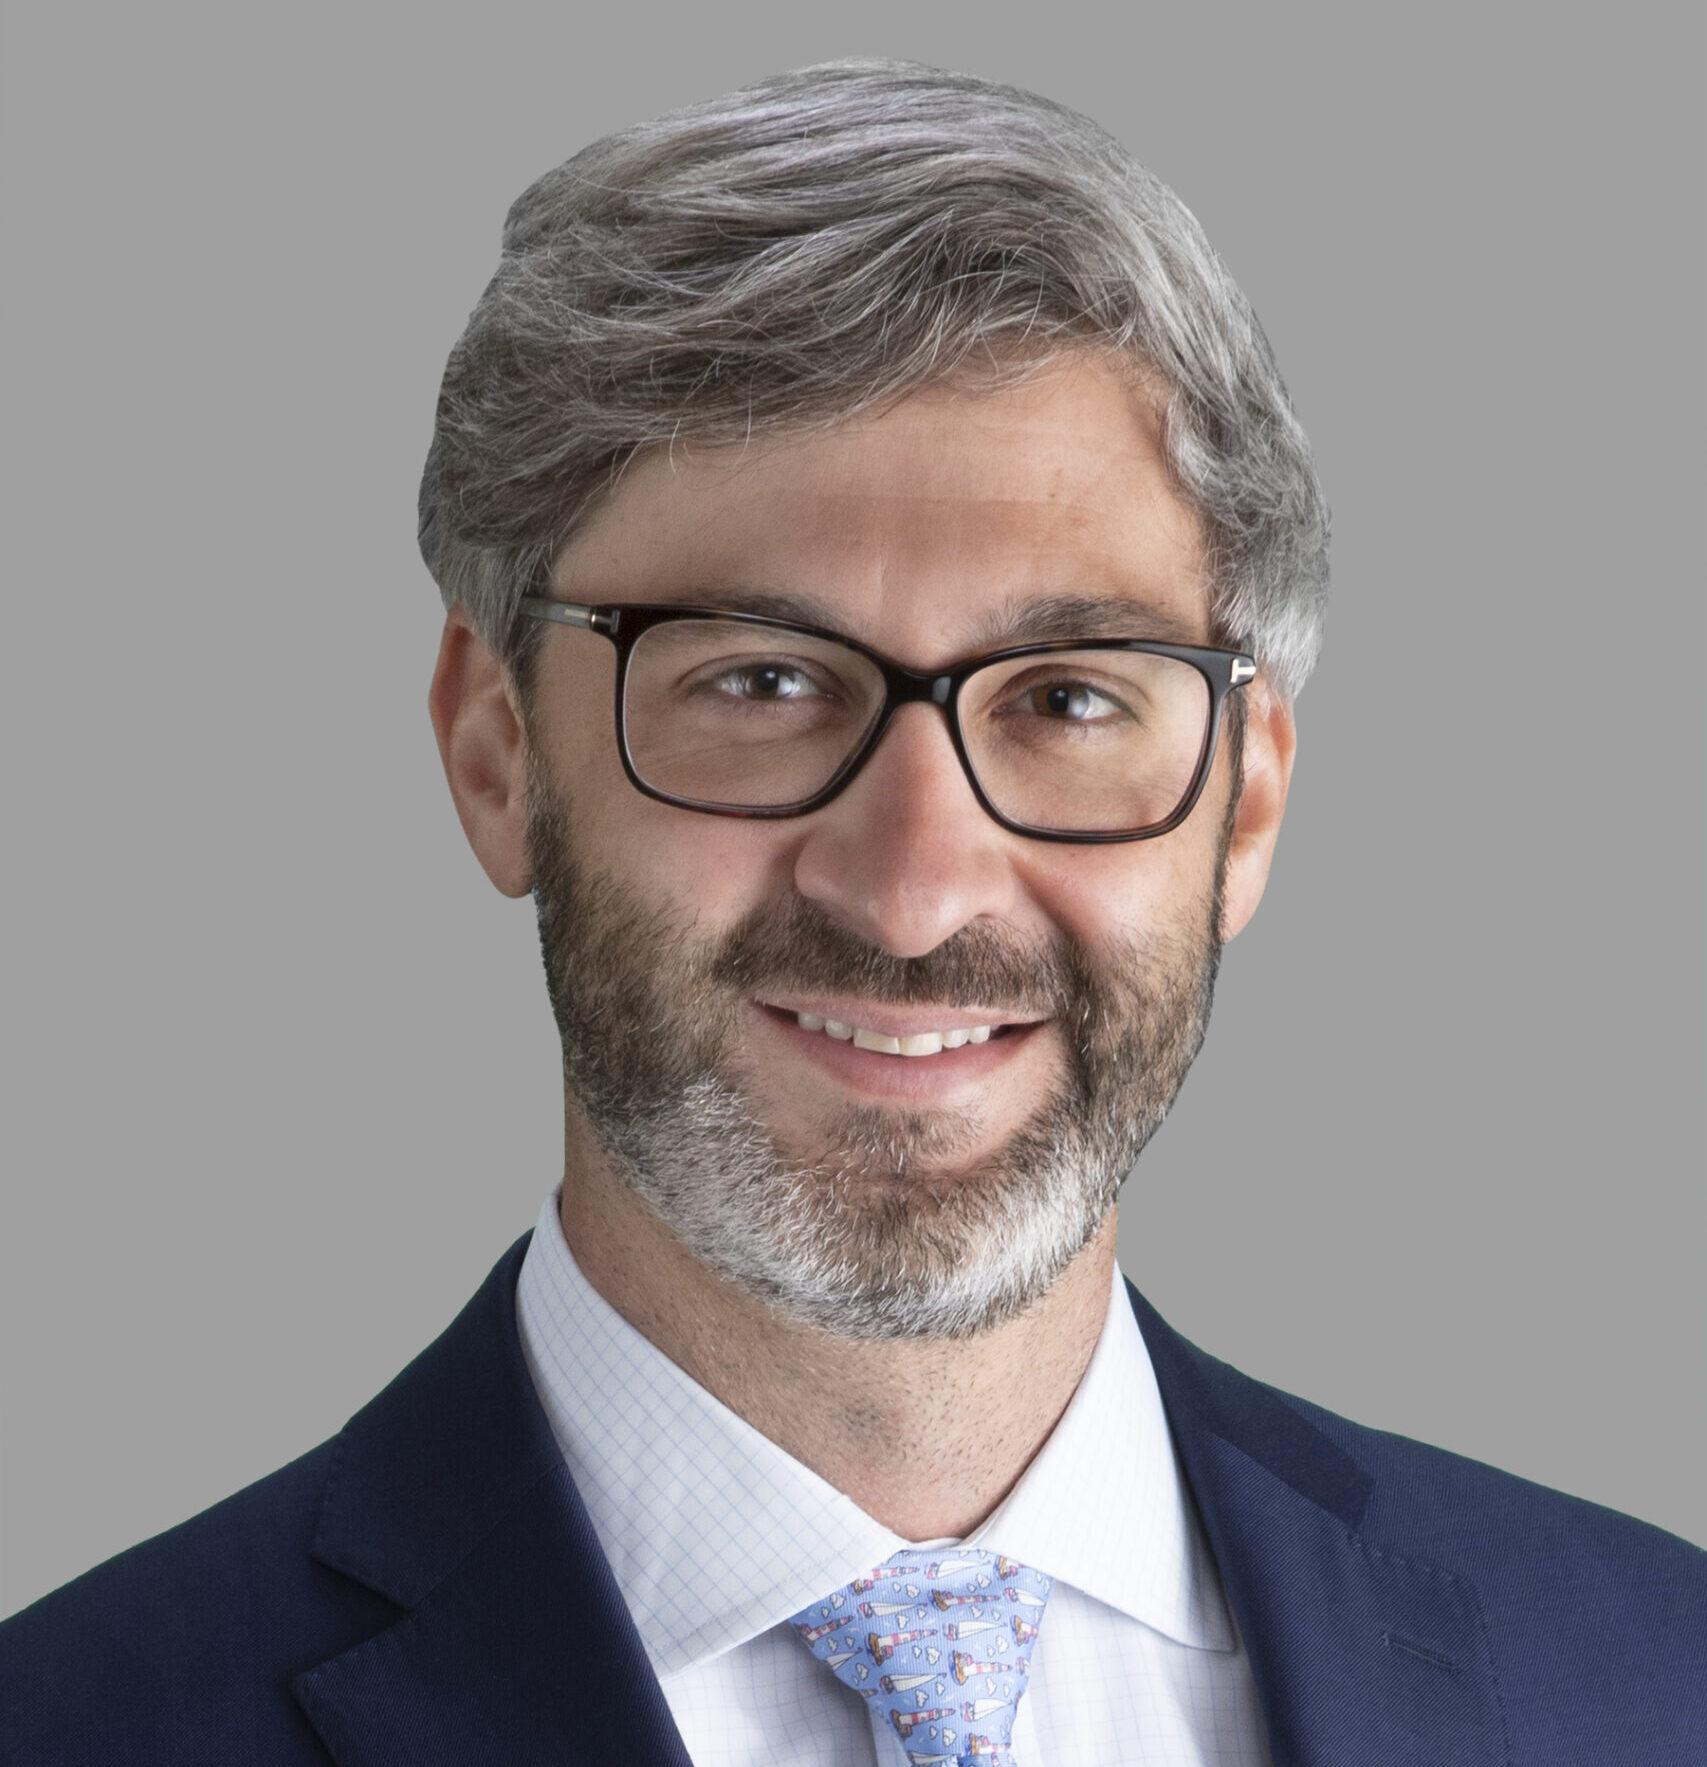 Adam Chonich